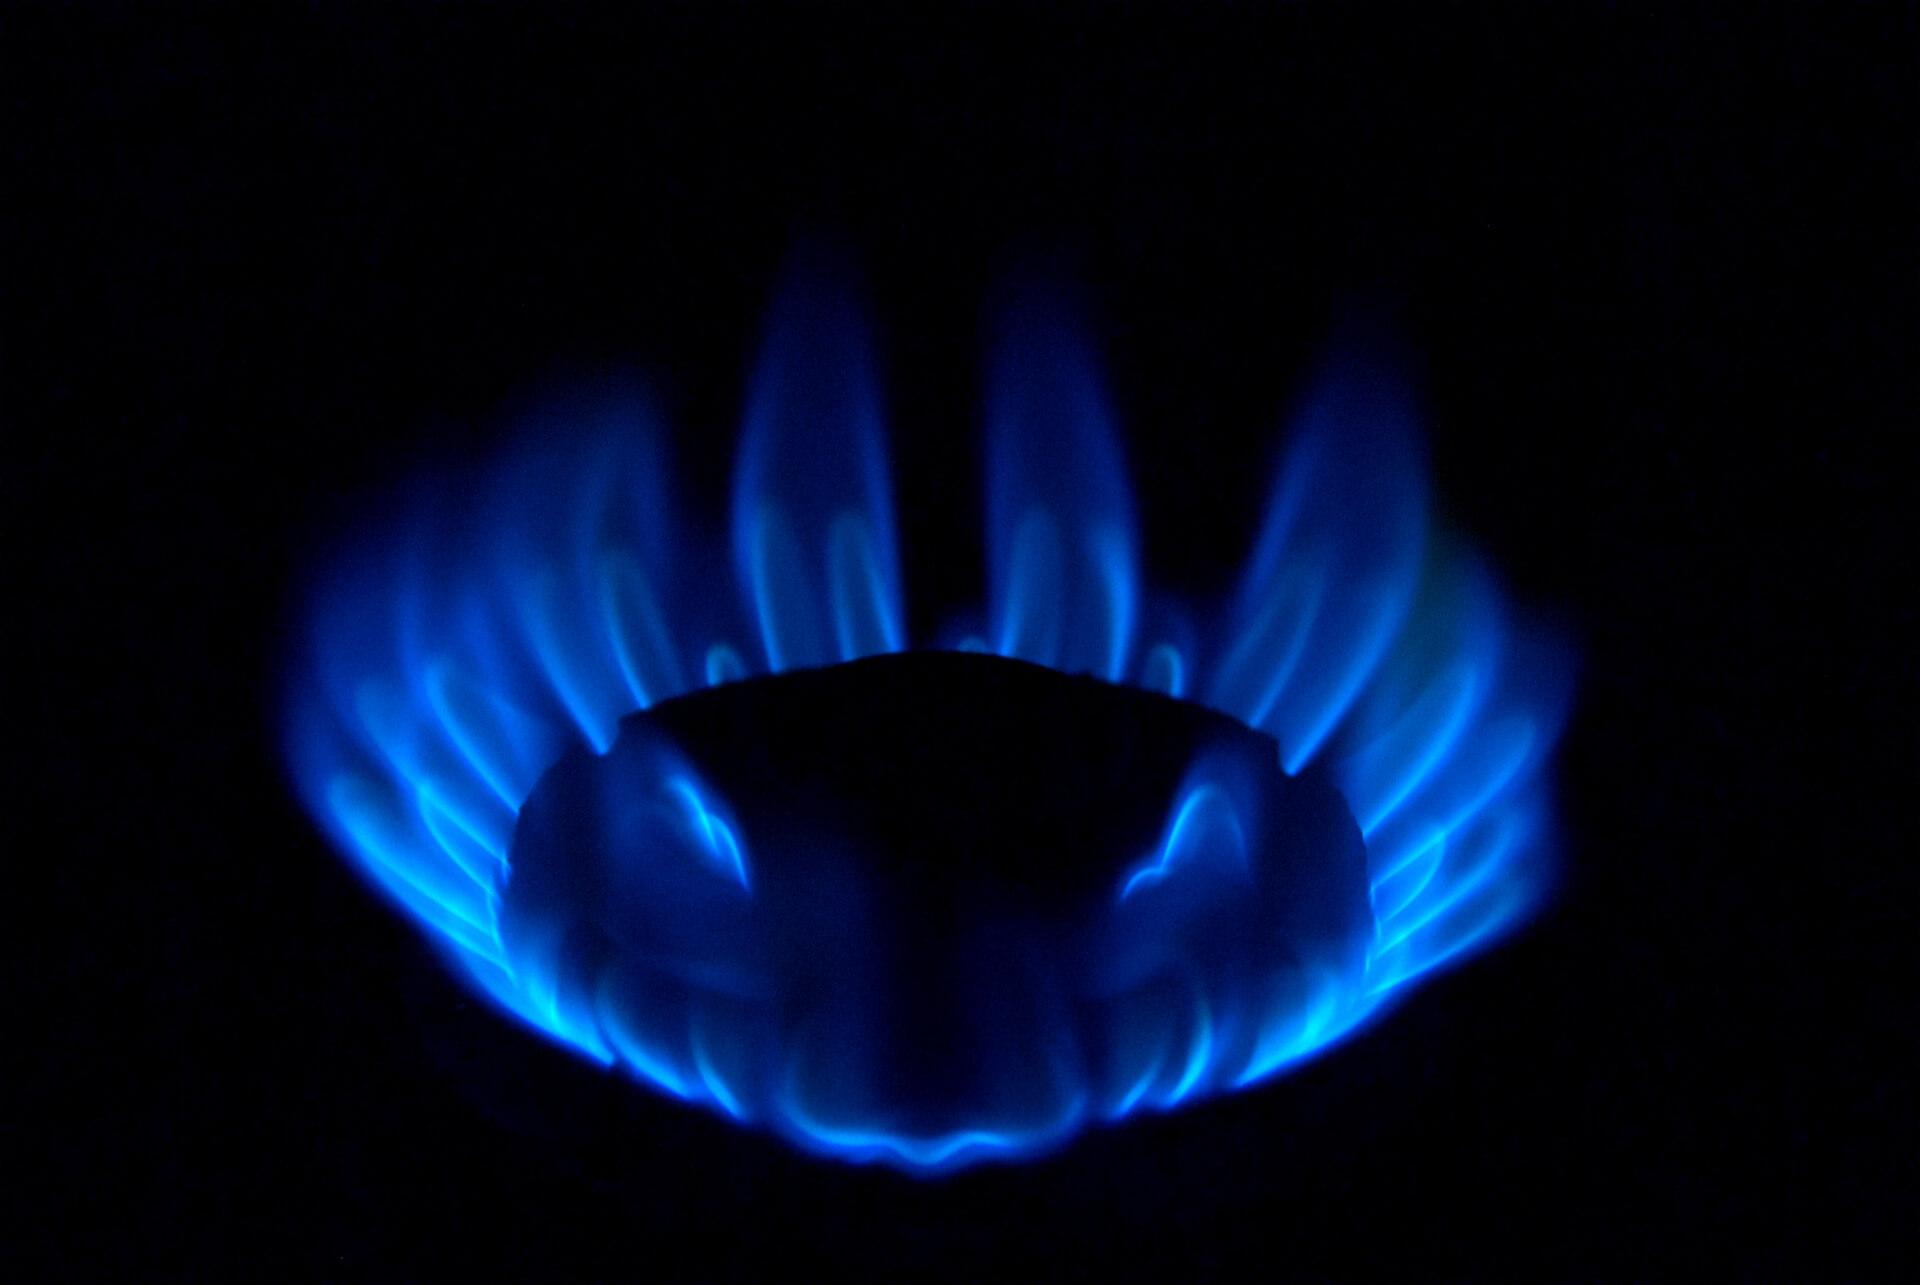 4月からスタートした「ガス自由化」で私たちの生活はどう変わるのか?